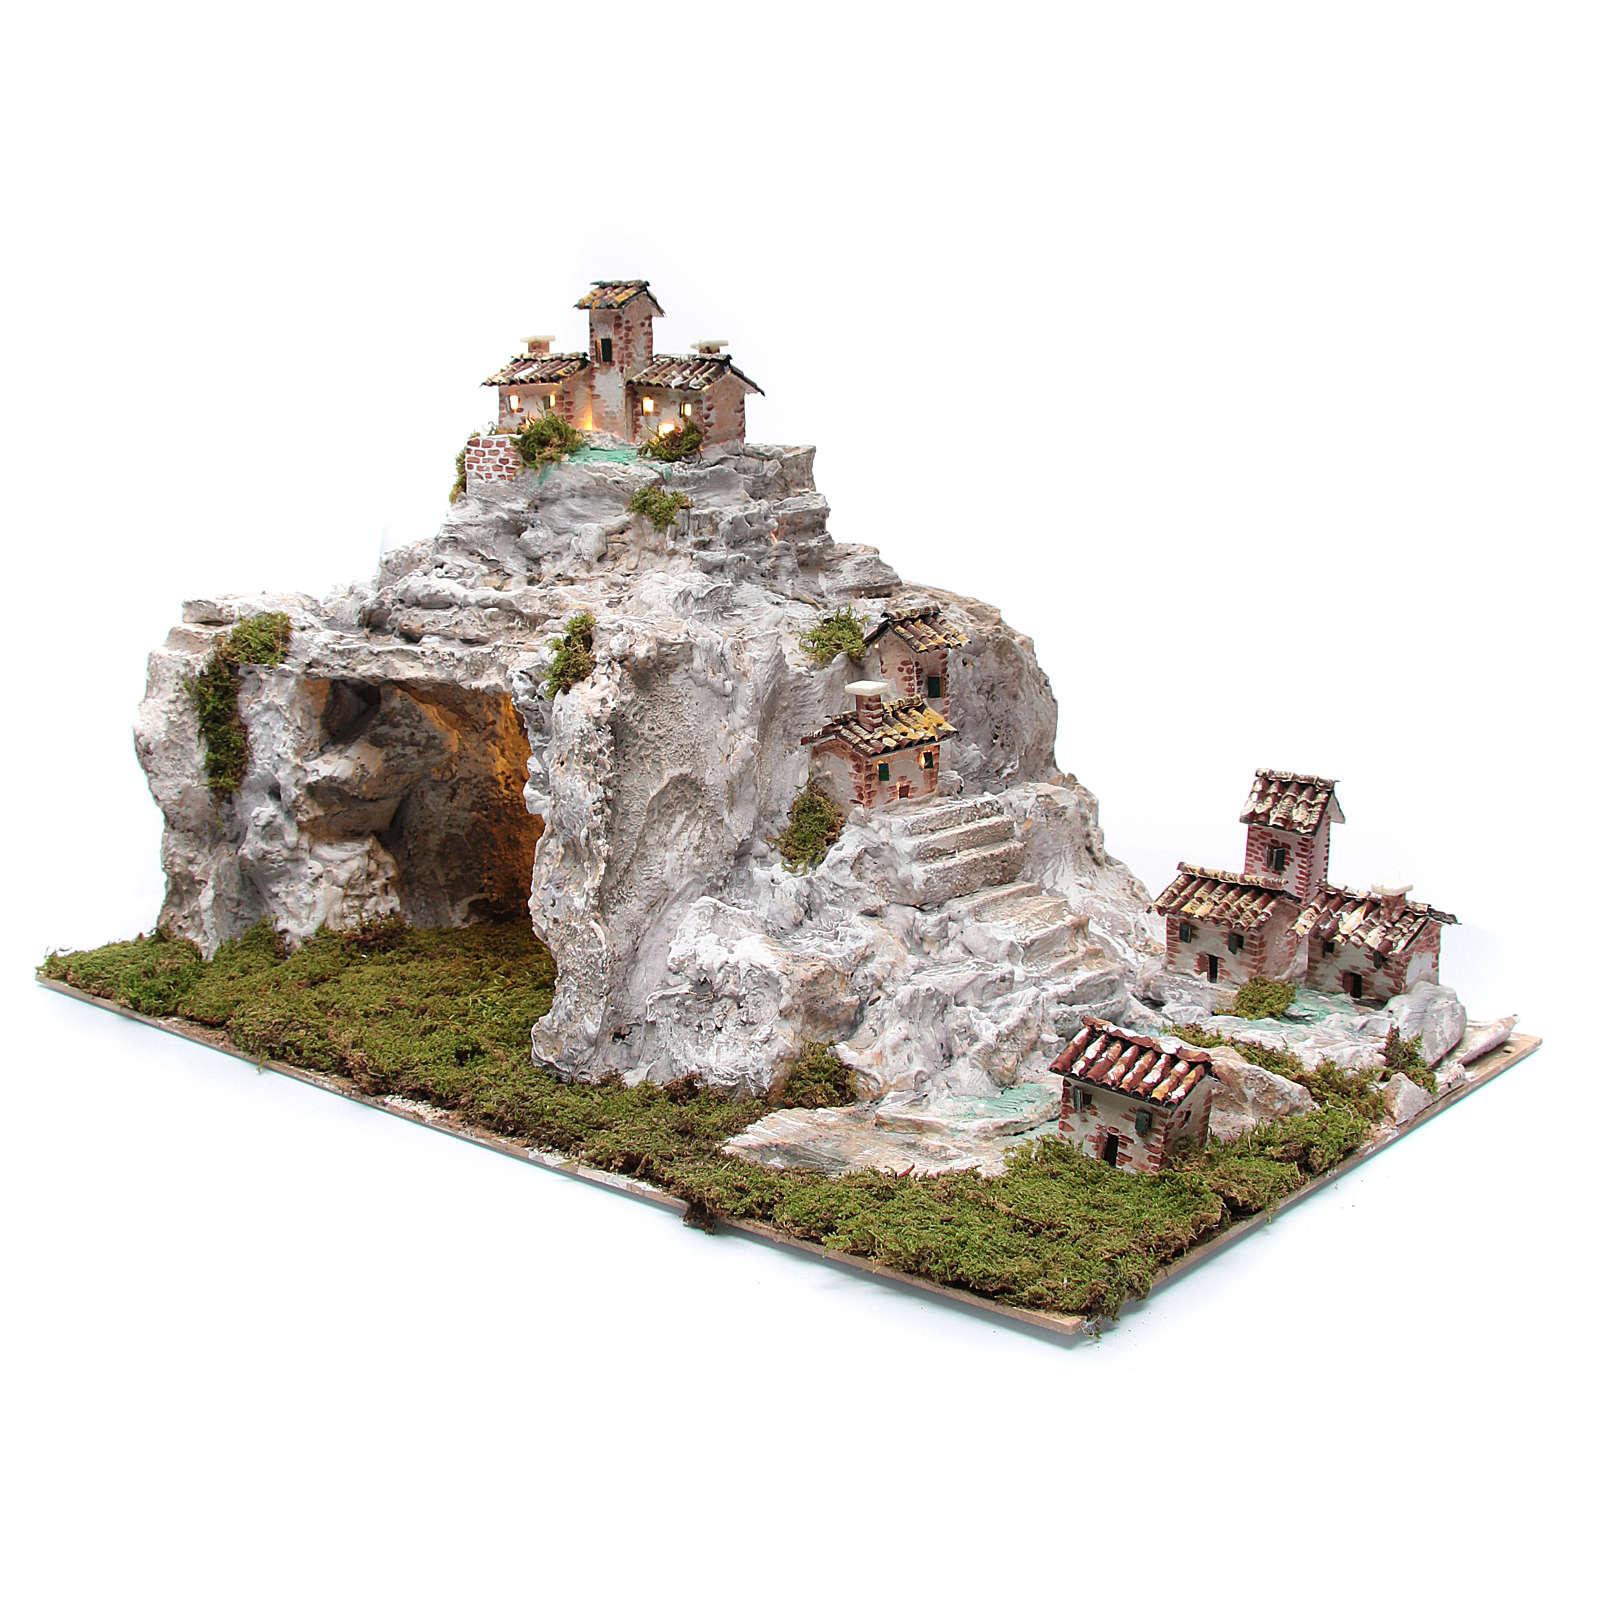 Presepe con paesaggio roccioso e luci 50x75x50 cm 4